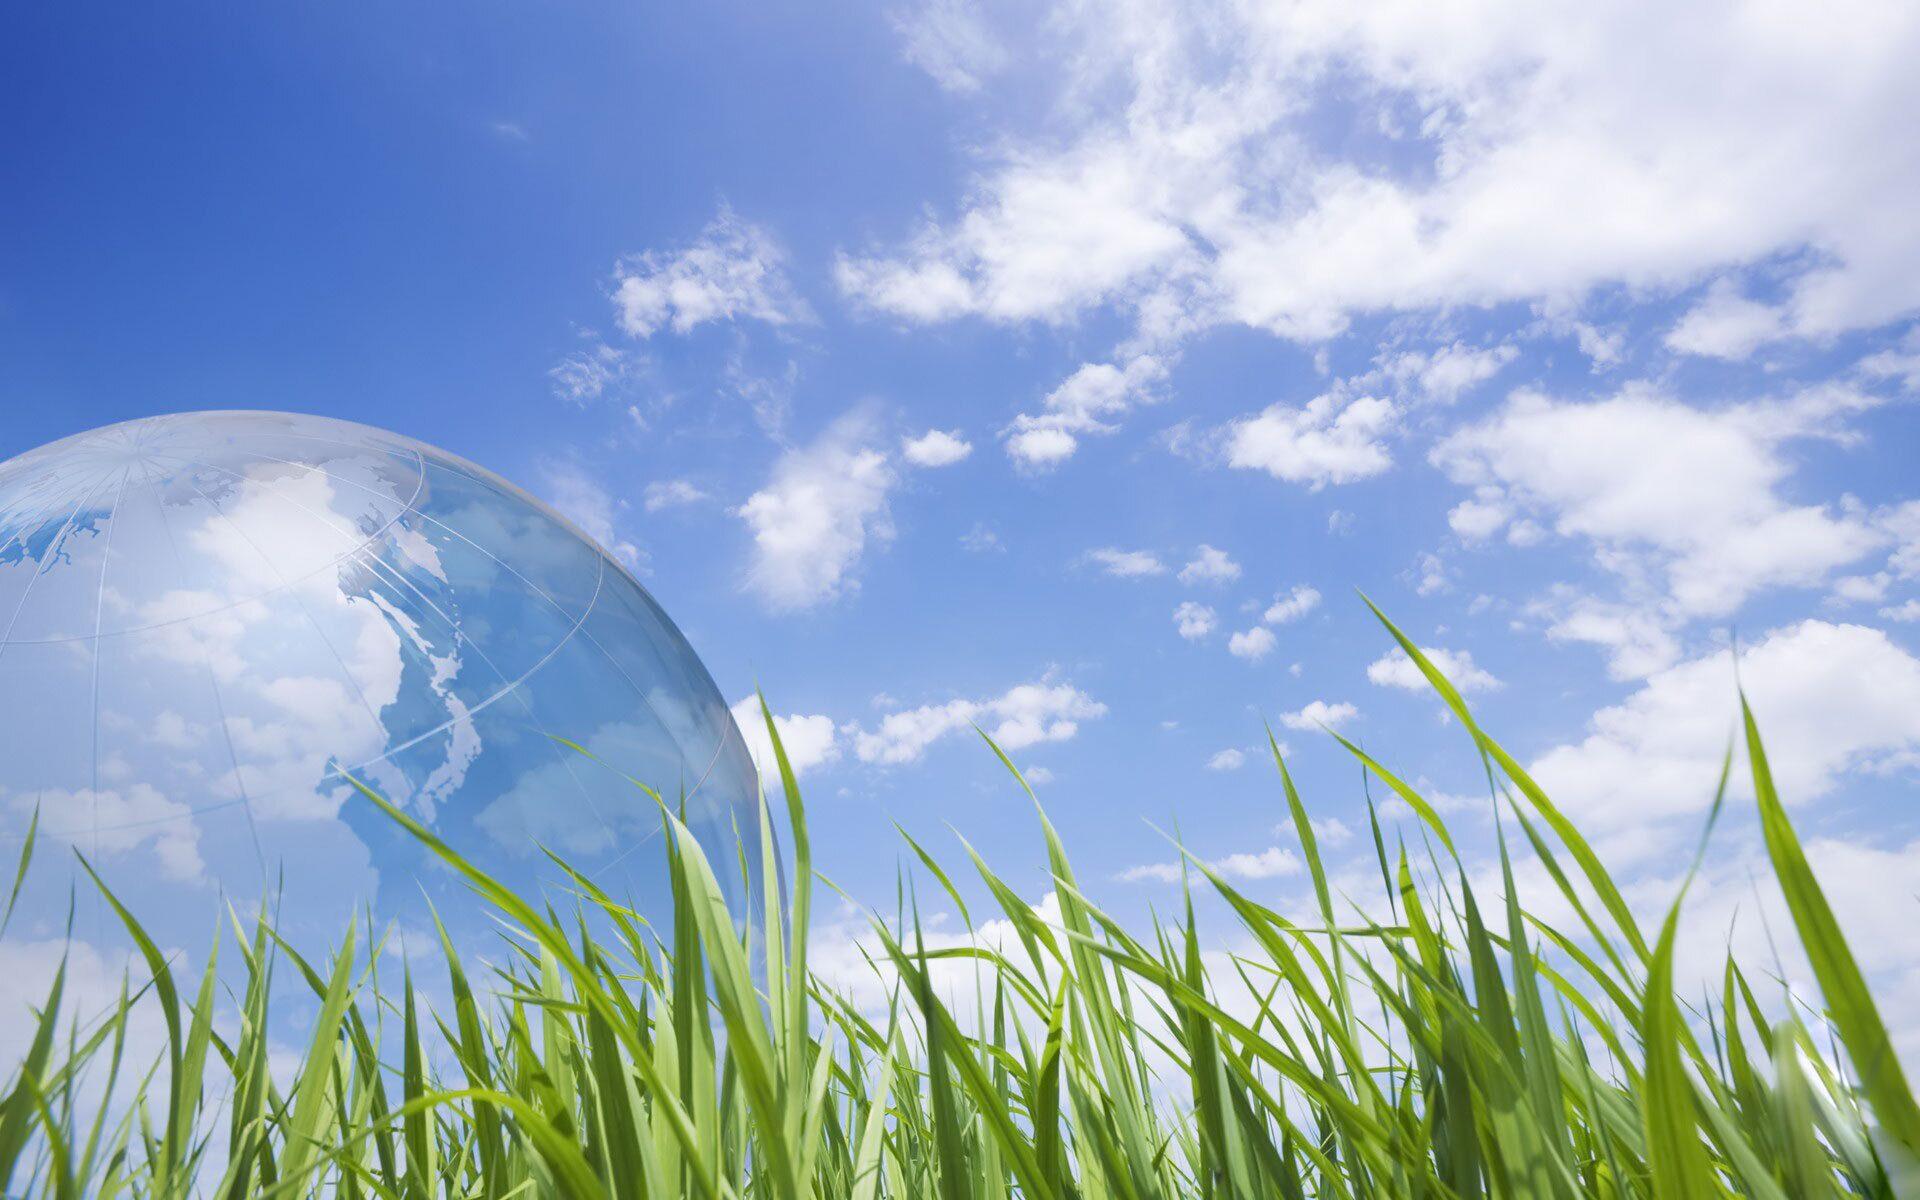 Город Рубцовск: климат, экология, районы, экономика ...